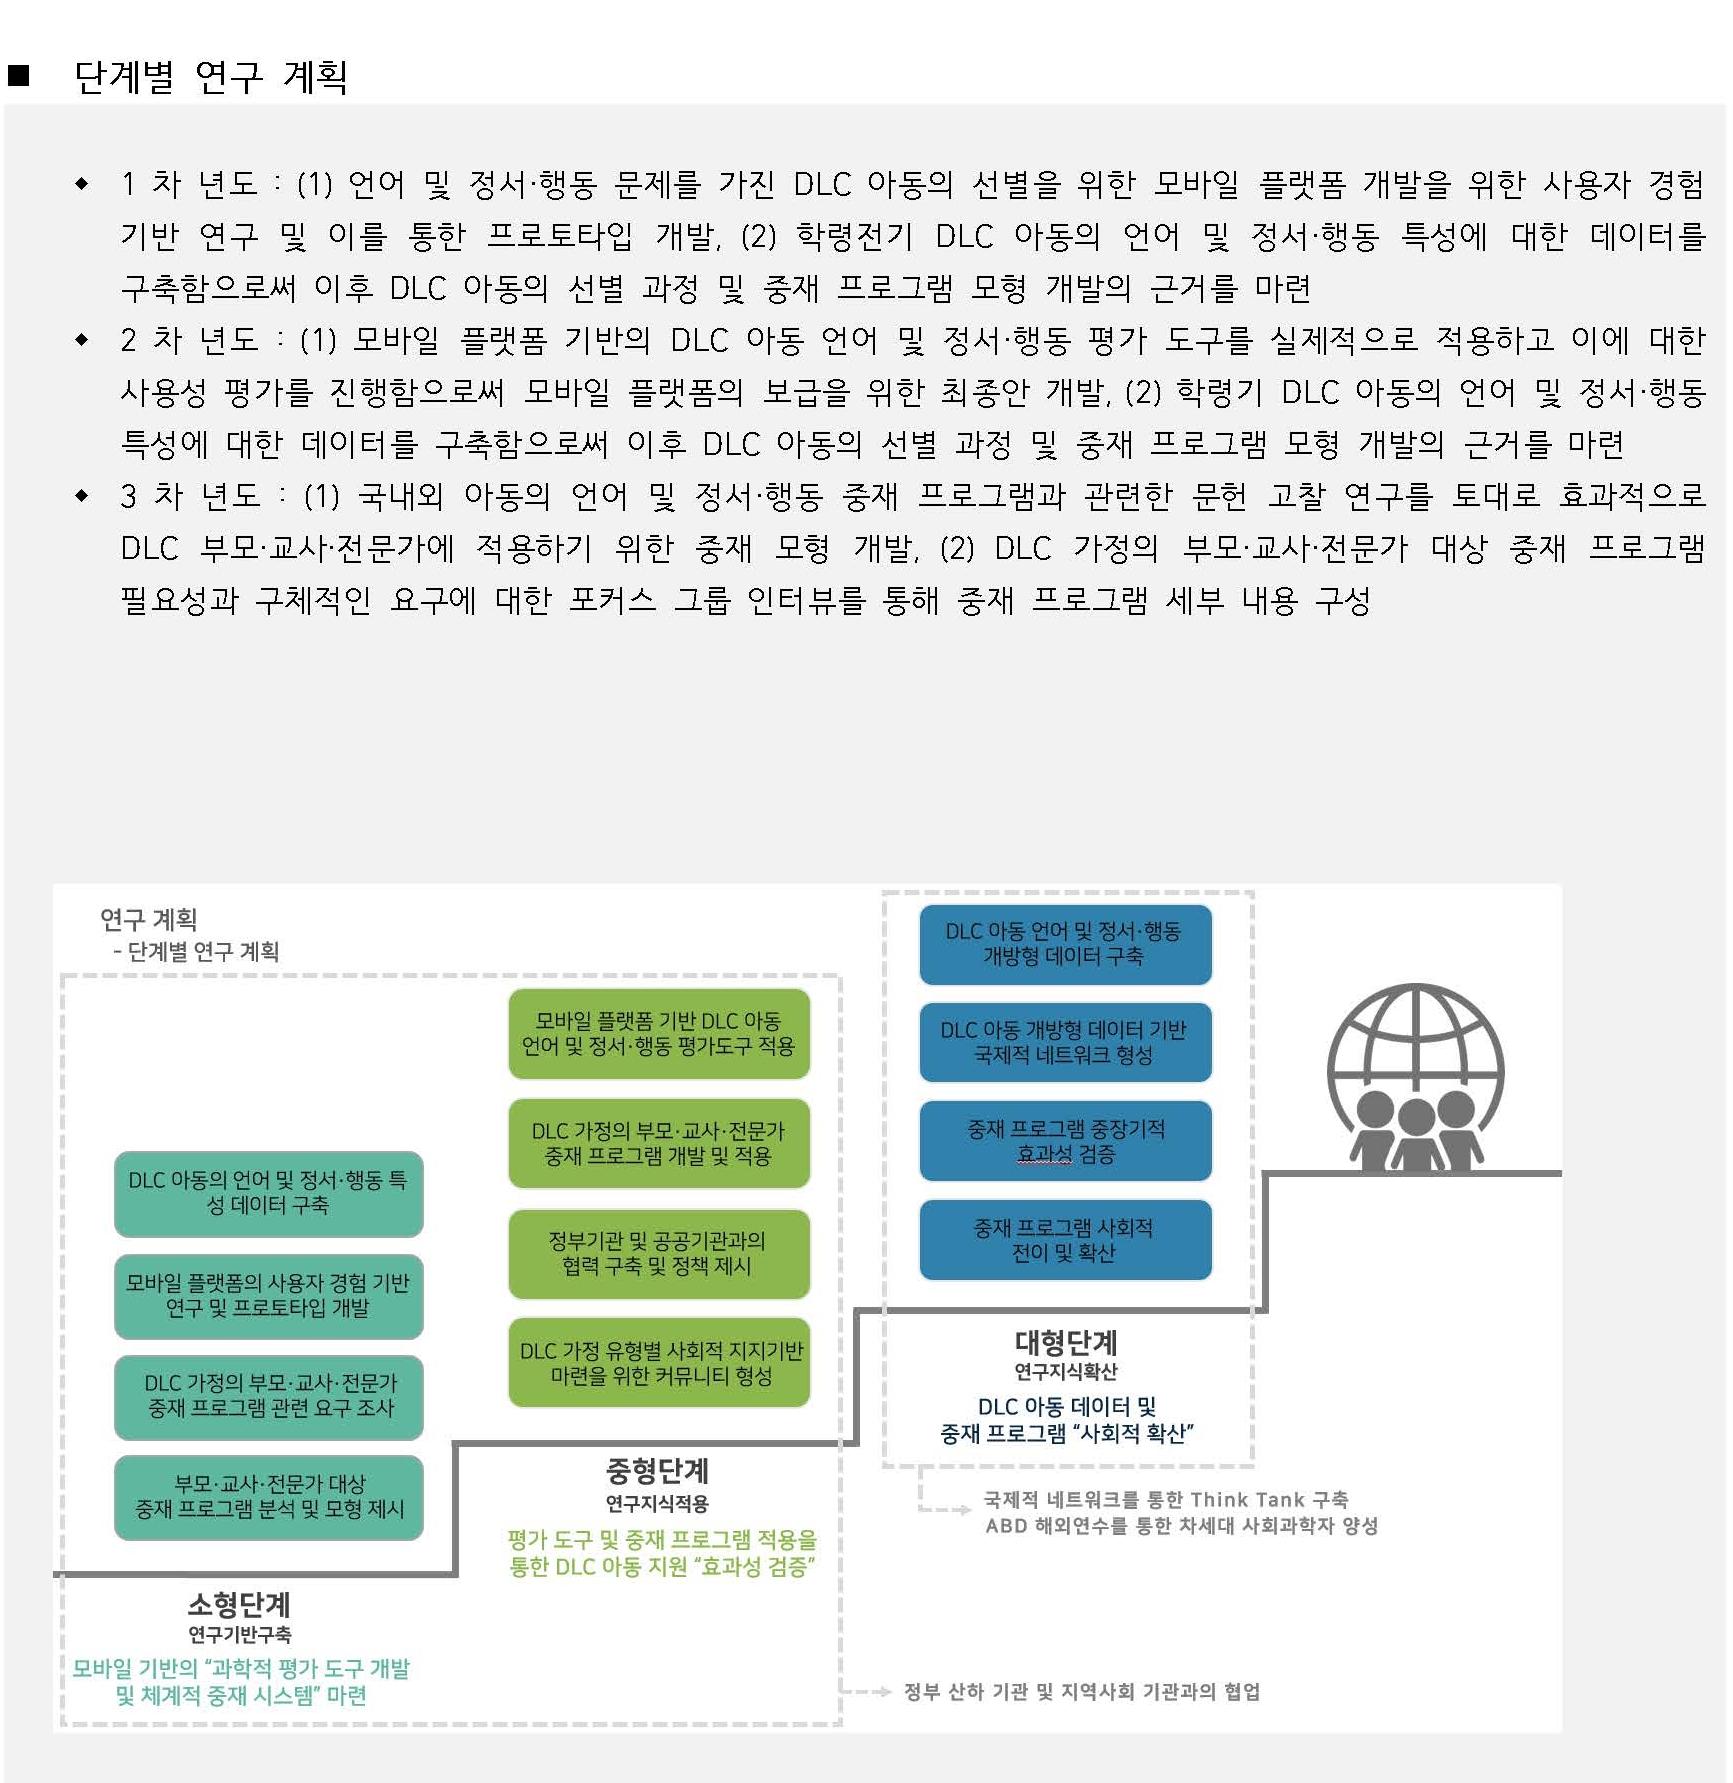 [SSK] 네트워크 자료집_페이지_3